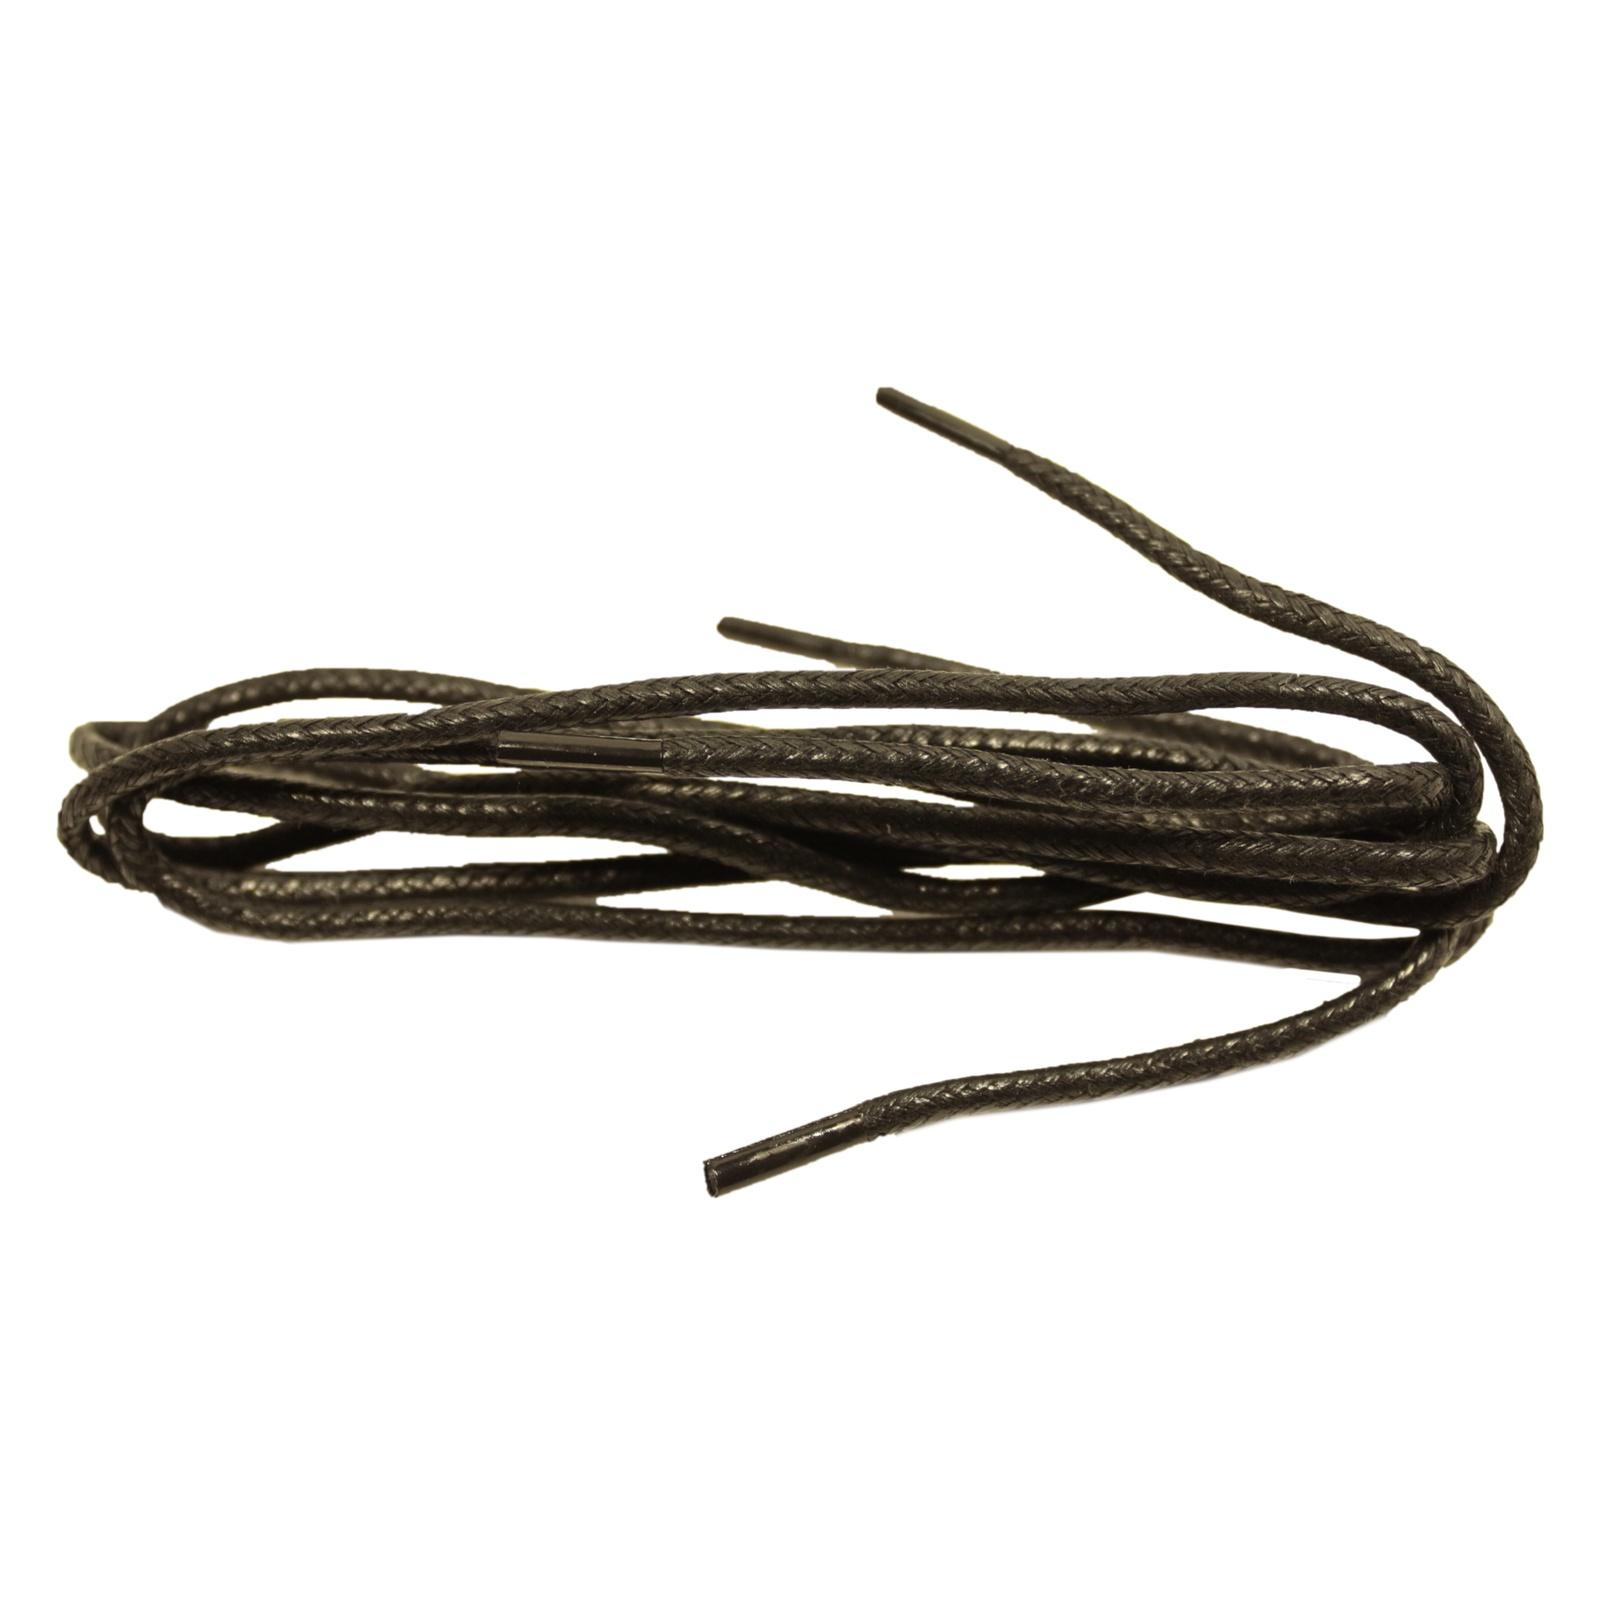 Шнурки Шнурком хлопковые вощеные круглые 2,5мм 60см, черный шнурки для обуви радуга active усиленные круглые с наполнителем цвет белый 110 см